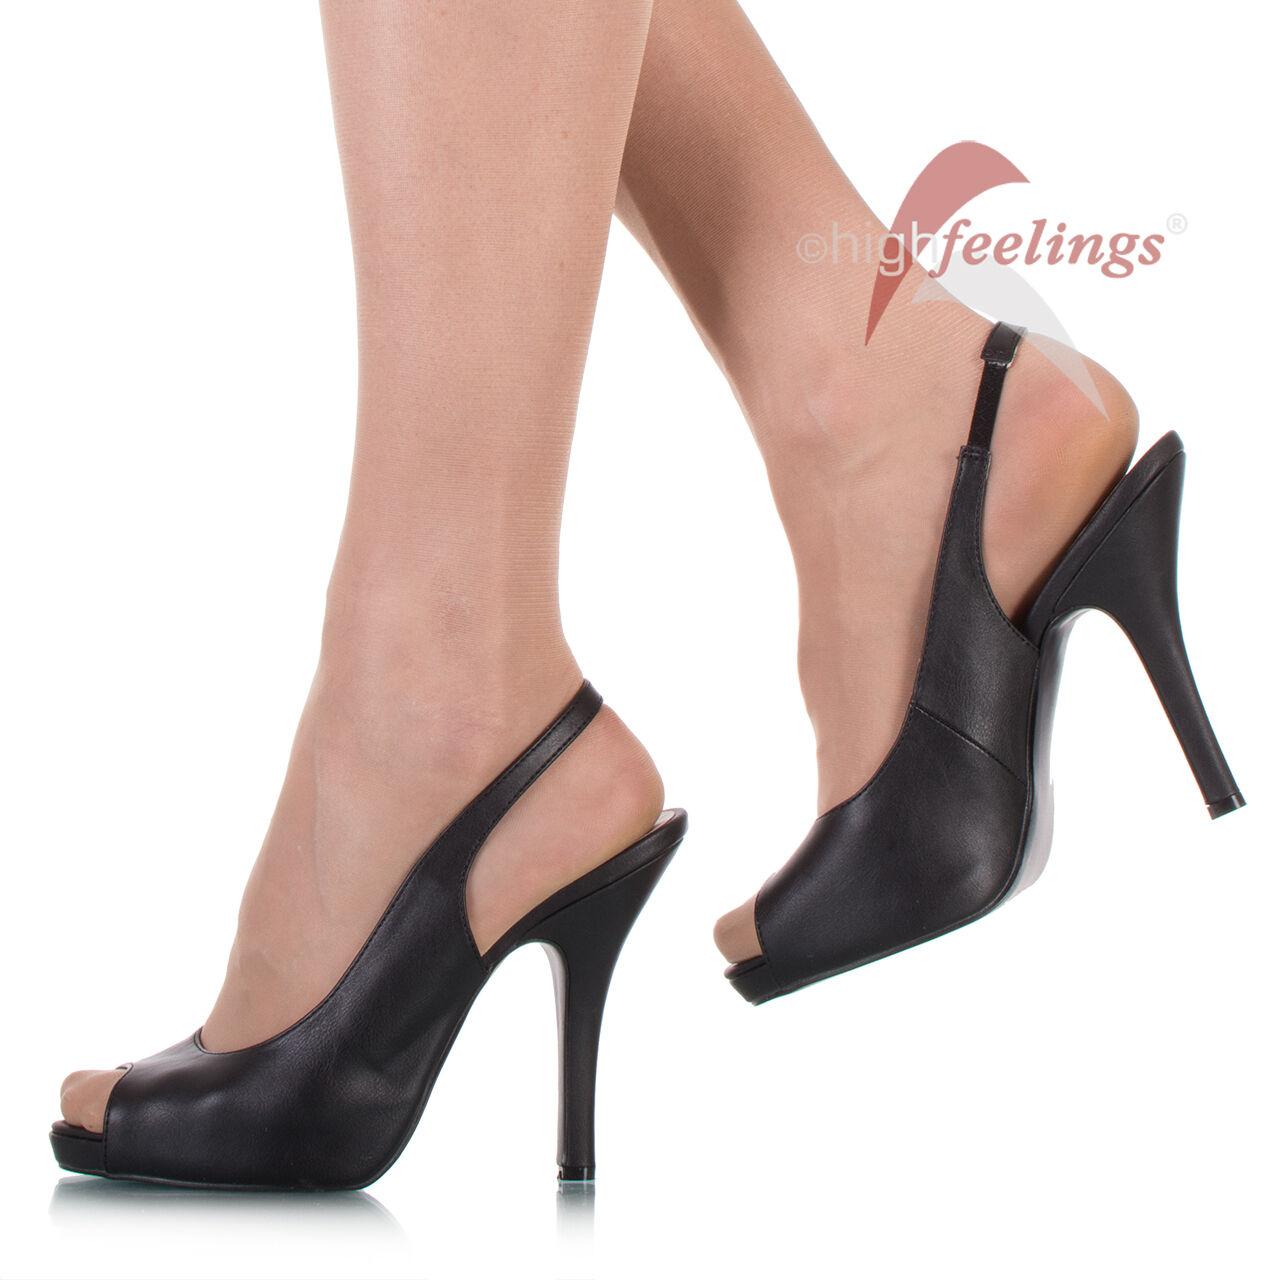 Femmes slingpumps grandes tailles 43 - 48 talons hauts environ 13 cm cuir synthétique noir